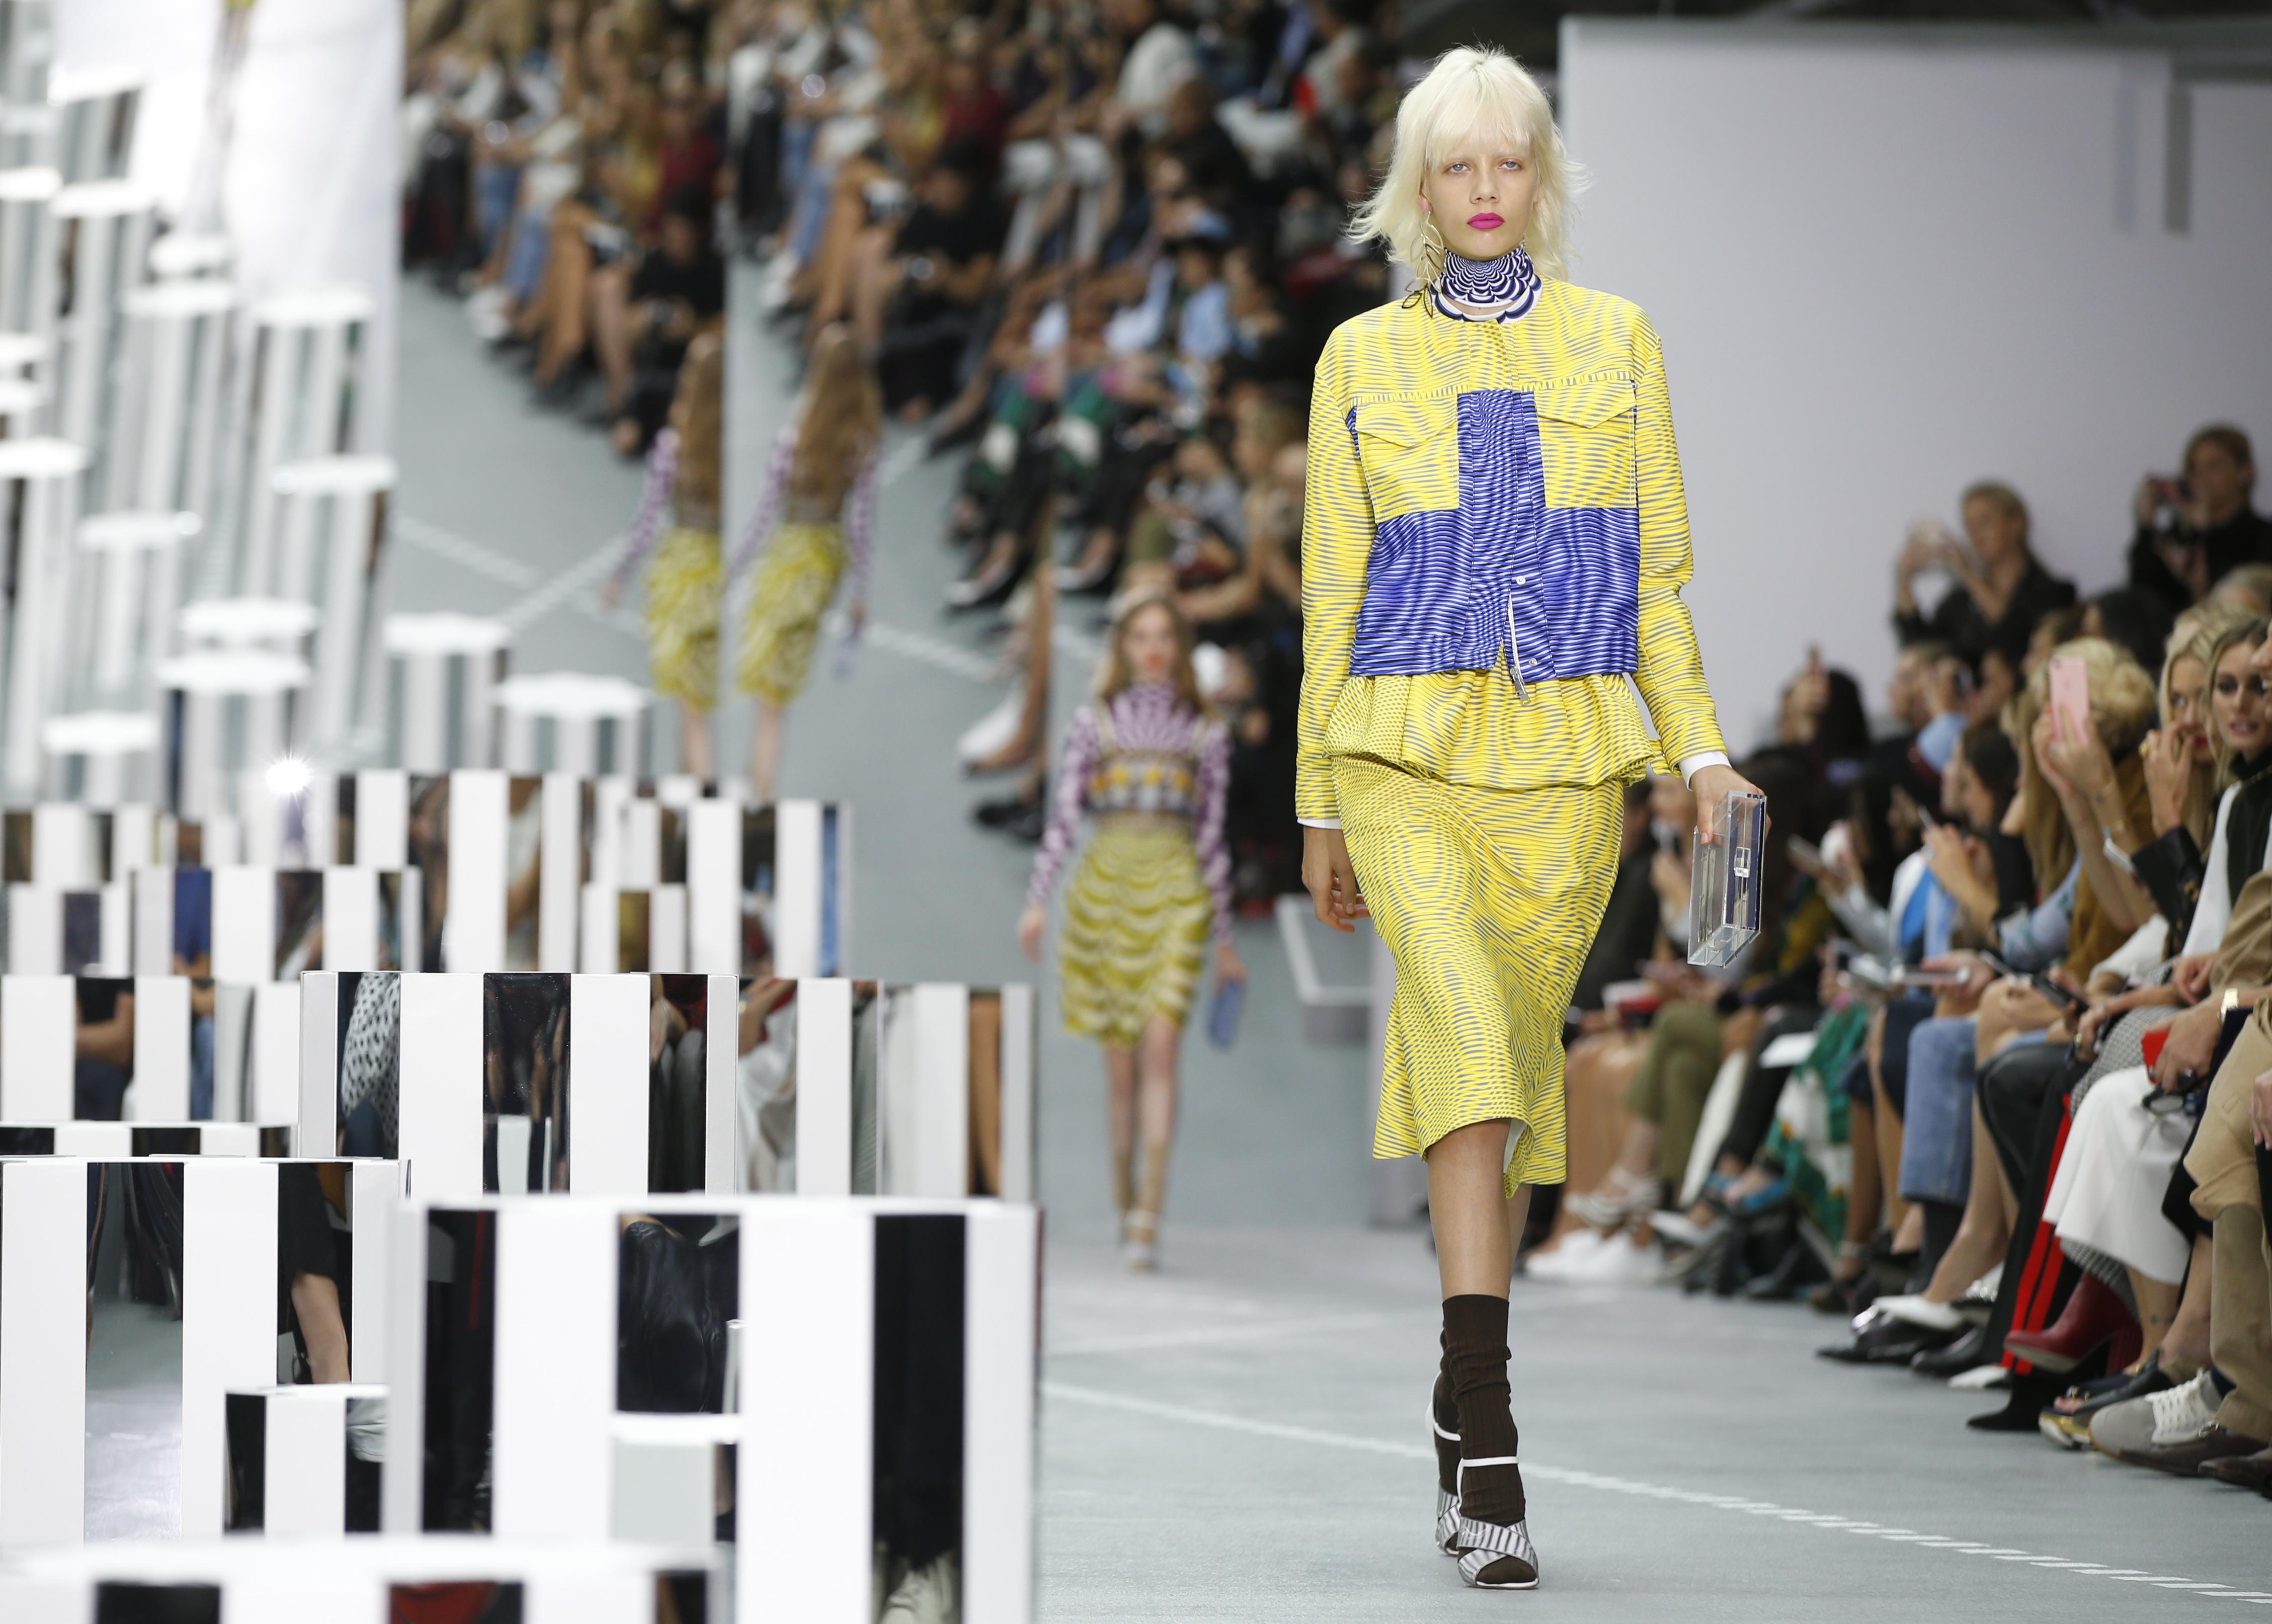 Η Mary Katrantzou θα παρουσιάσει το επόμενο fashion show της στην Ελλάδα